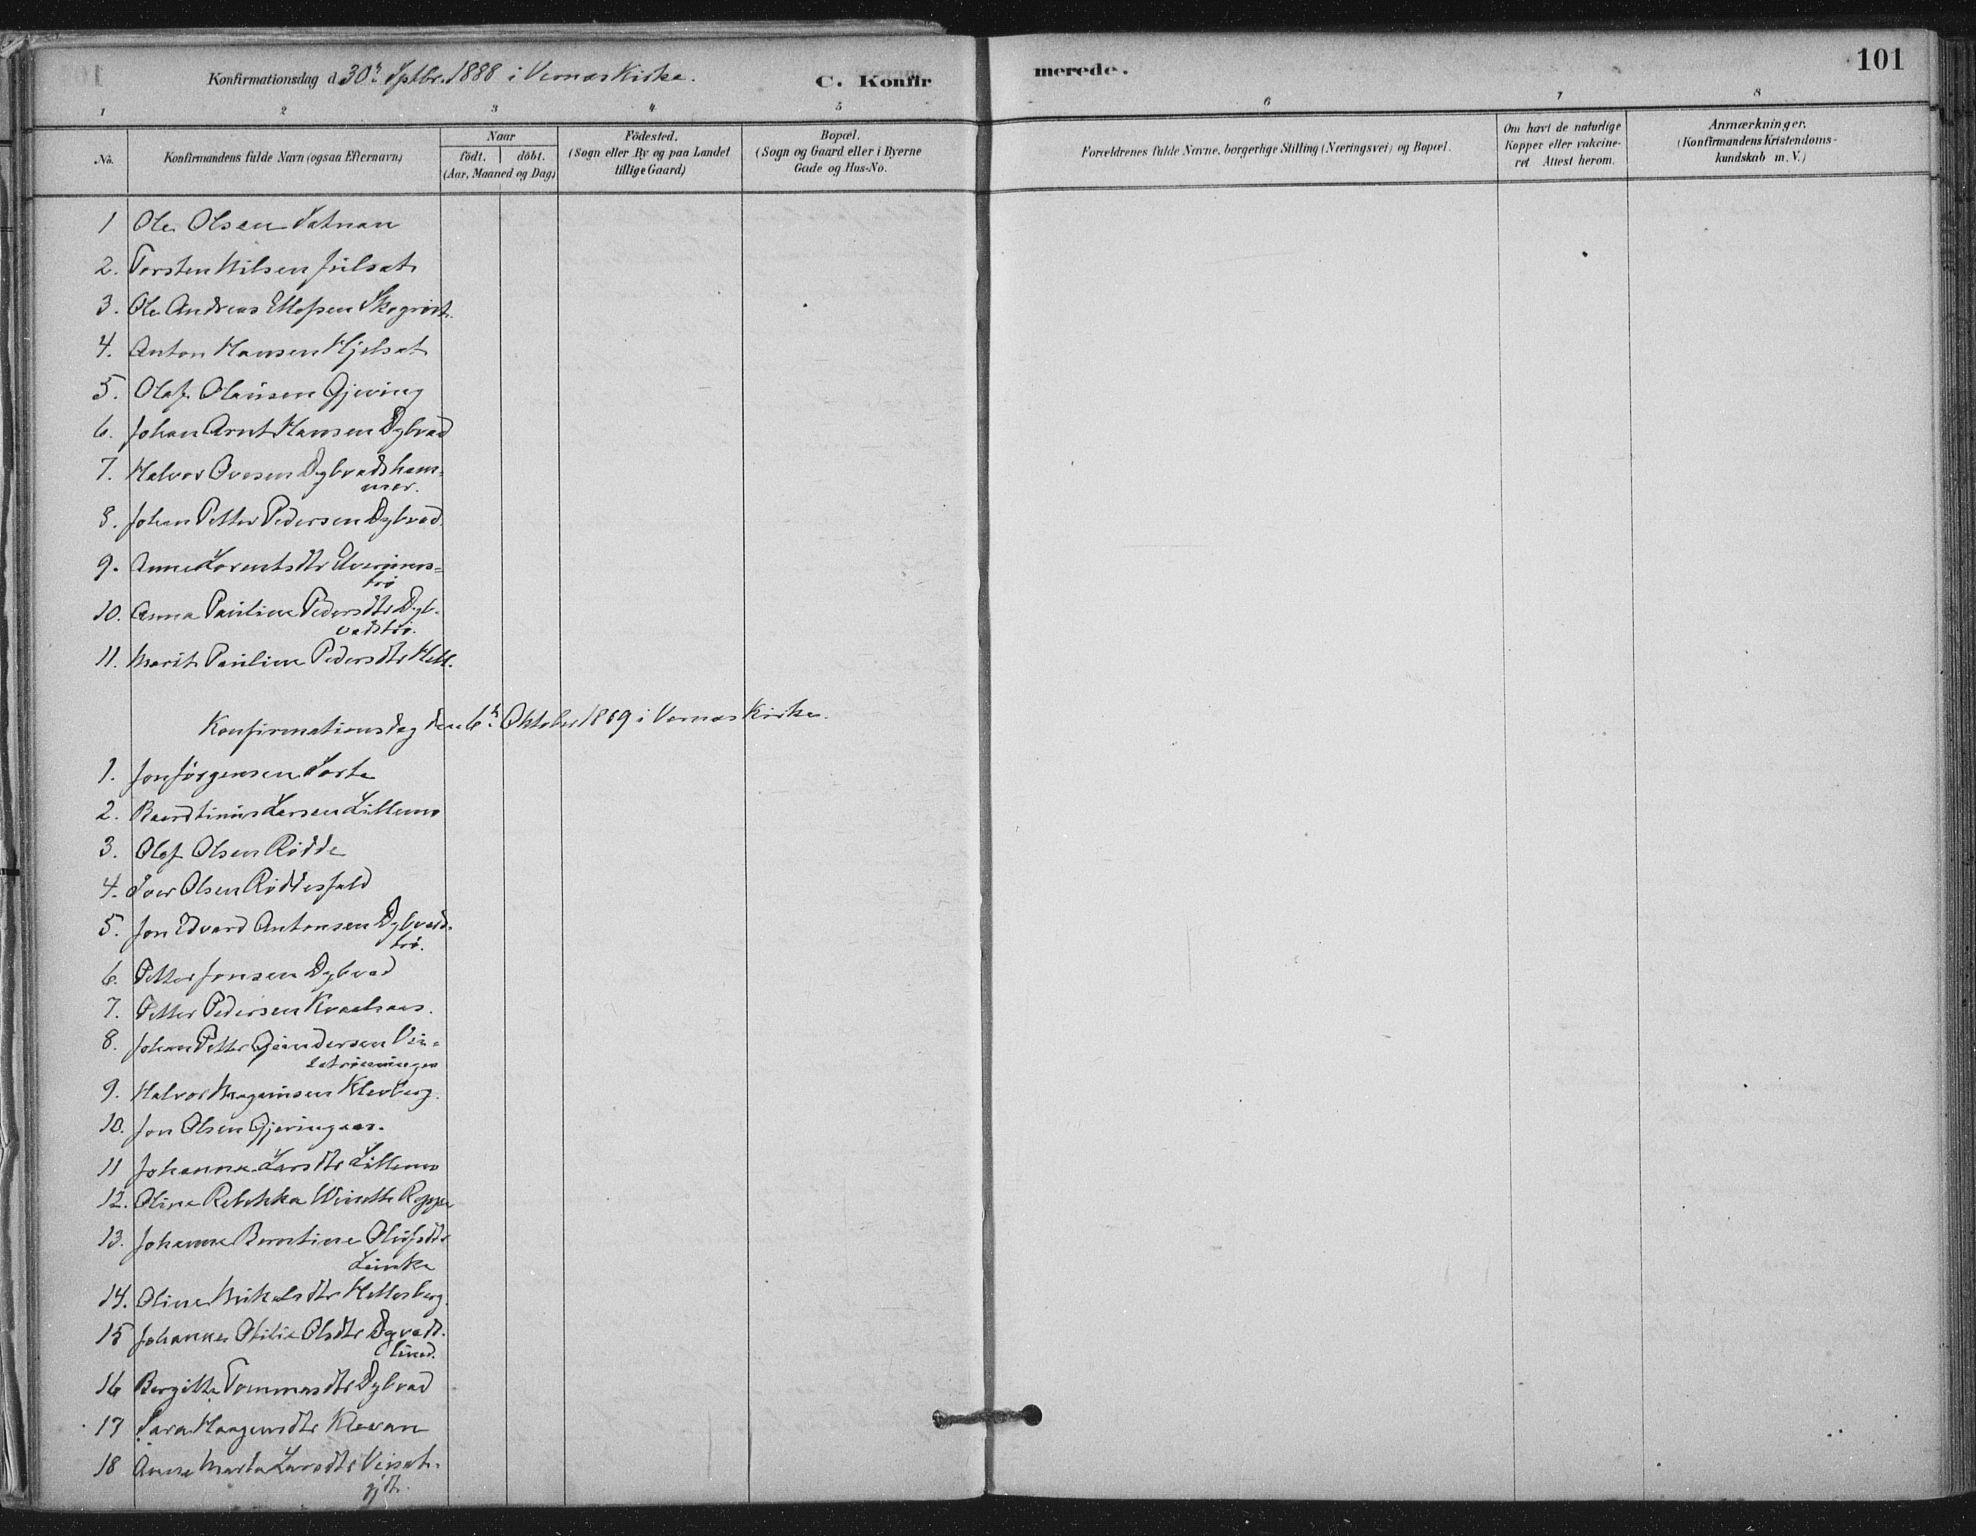 SAT, Ministerialprotokoller, klokkerbøker og fødselsregistre - Nord-Trøndelag, 710/L0095: Ministerialbok nr. 710A01, 1880-1914, s. 101